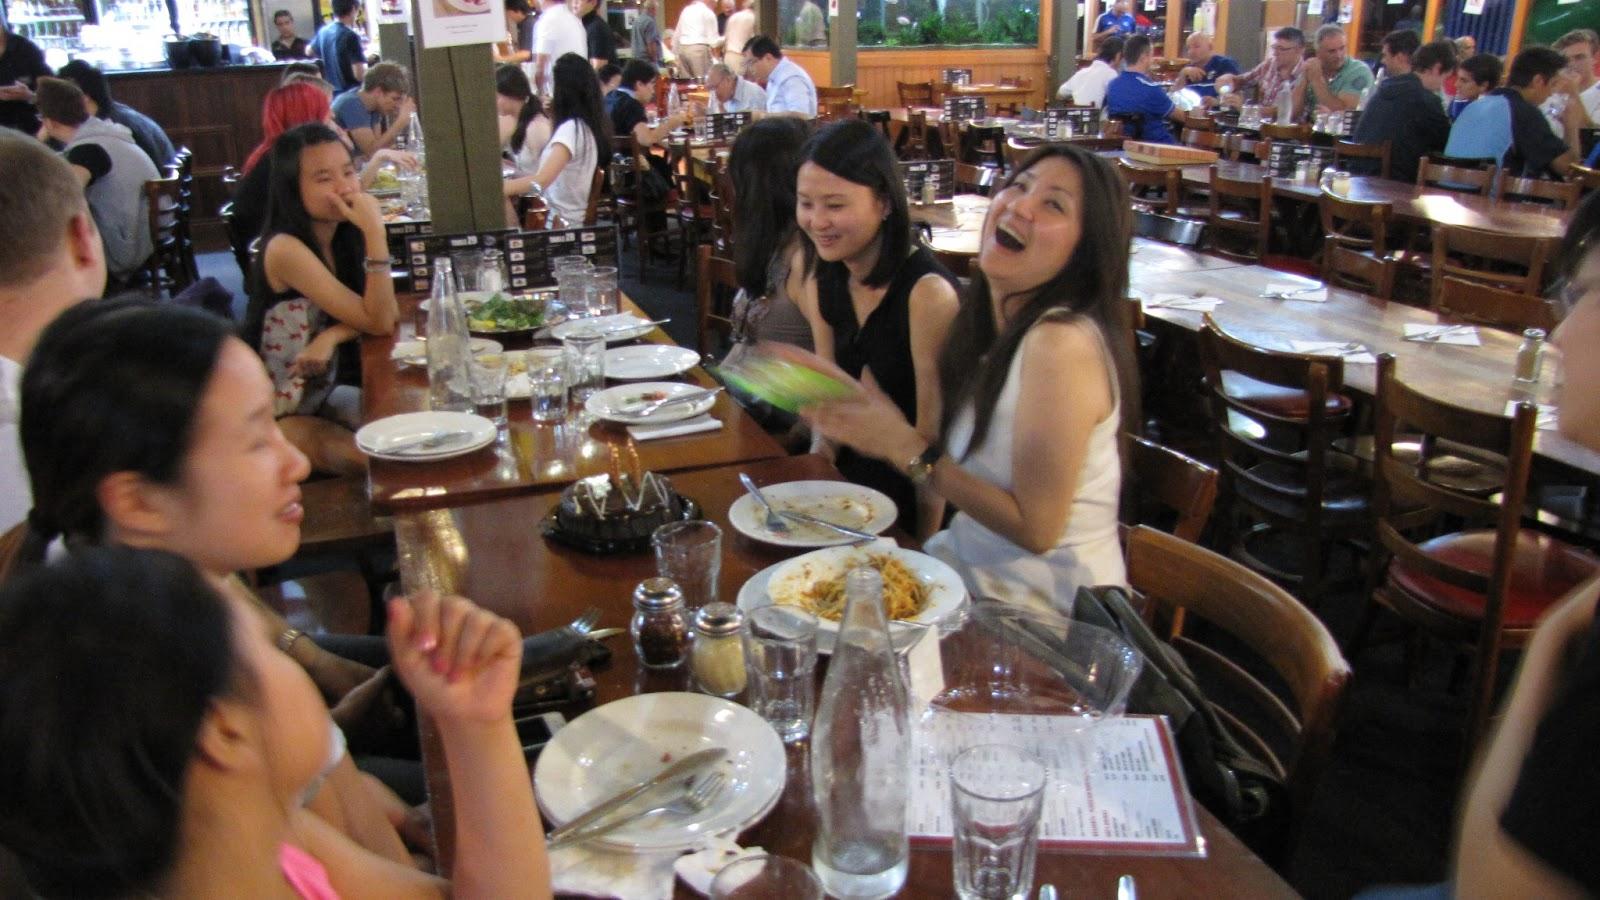 Sofia Restaurant Burwood Menu